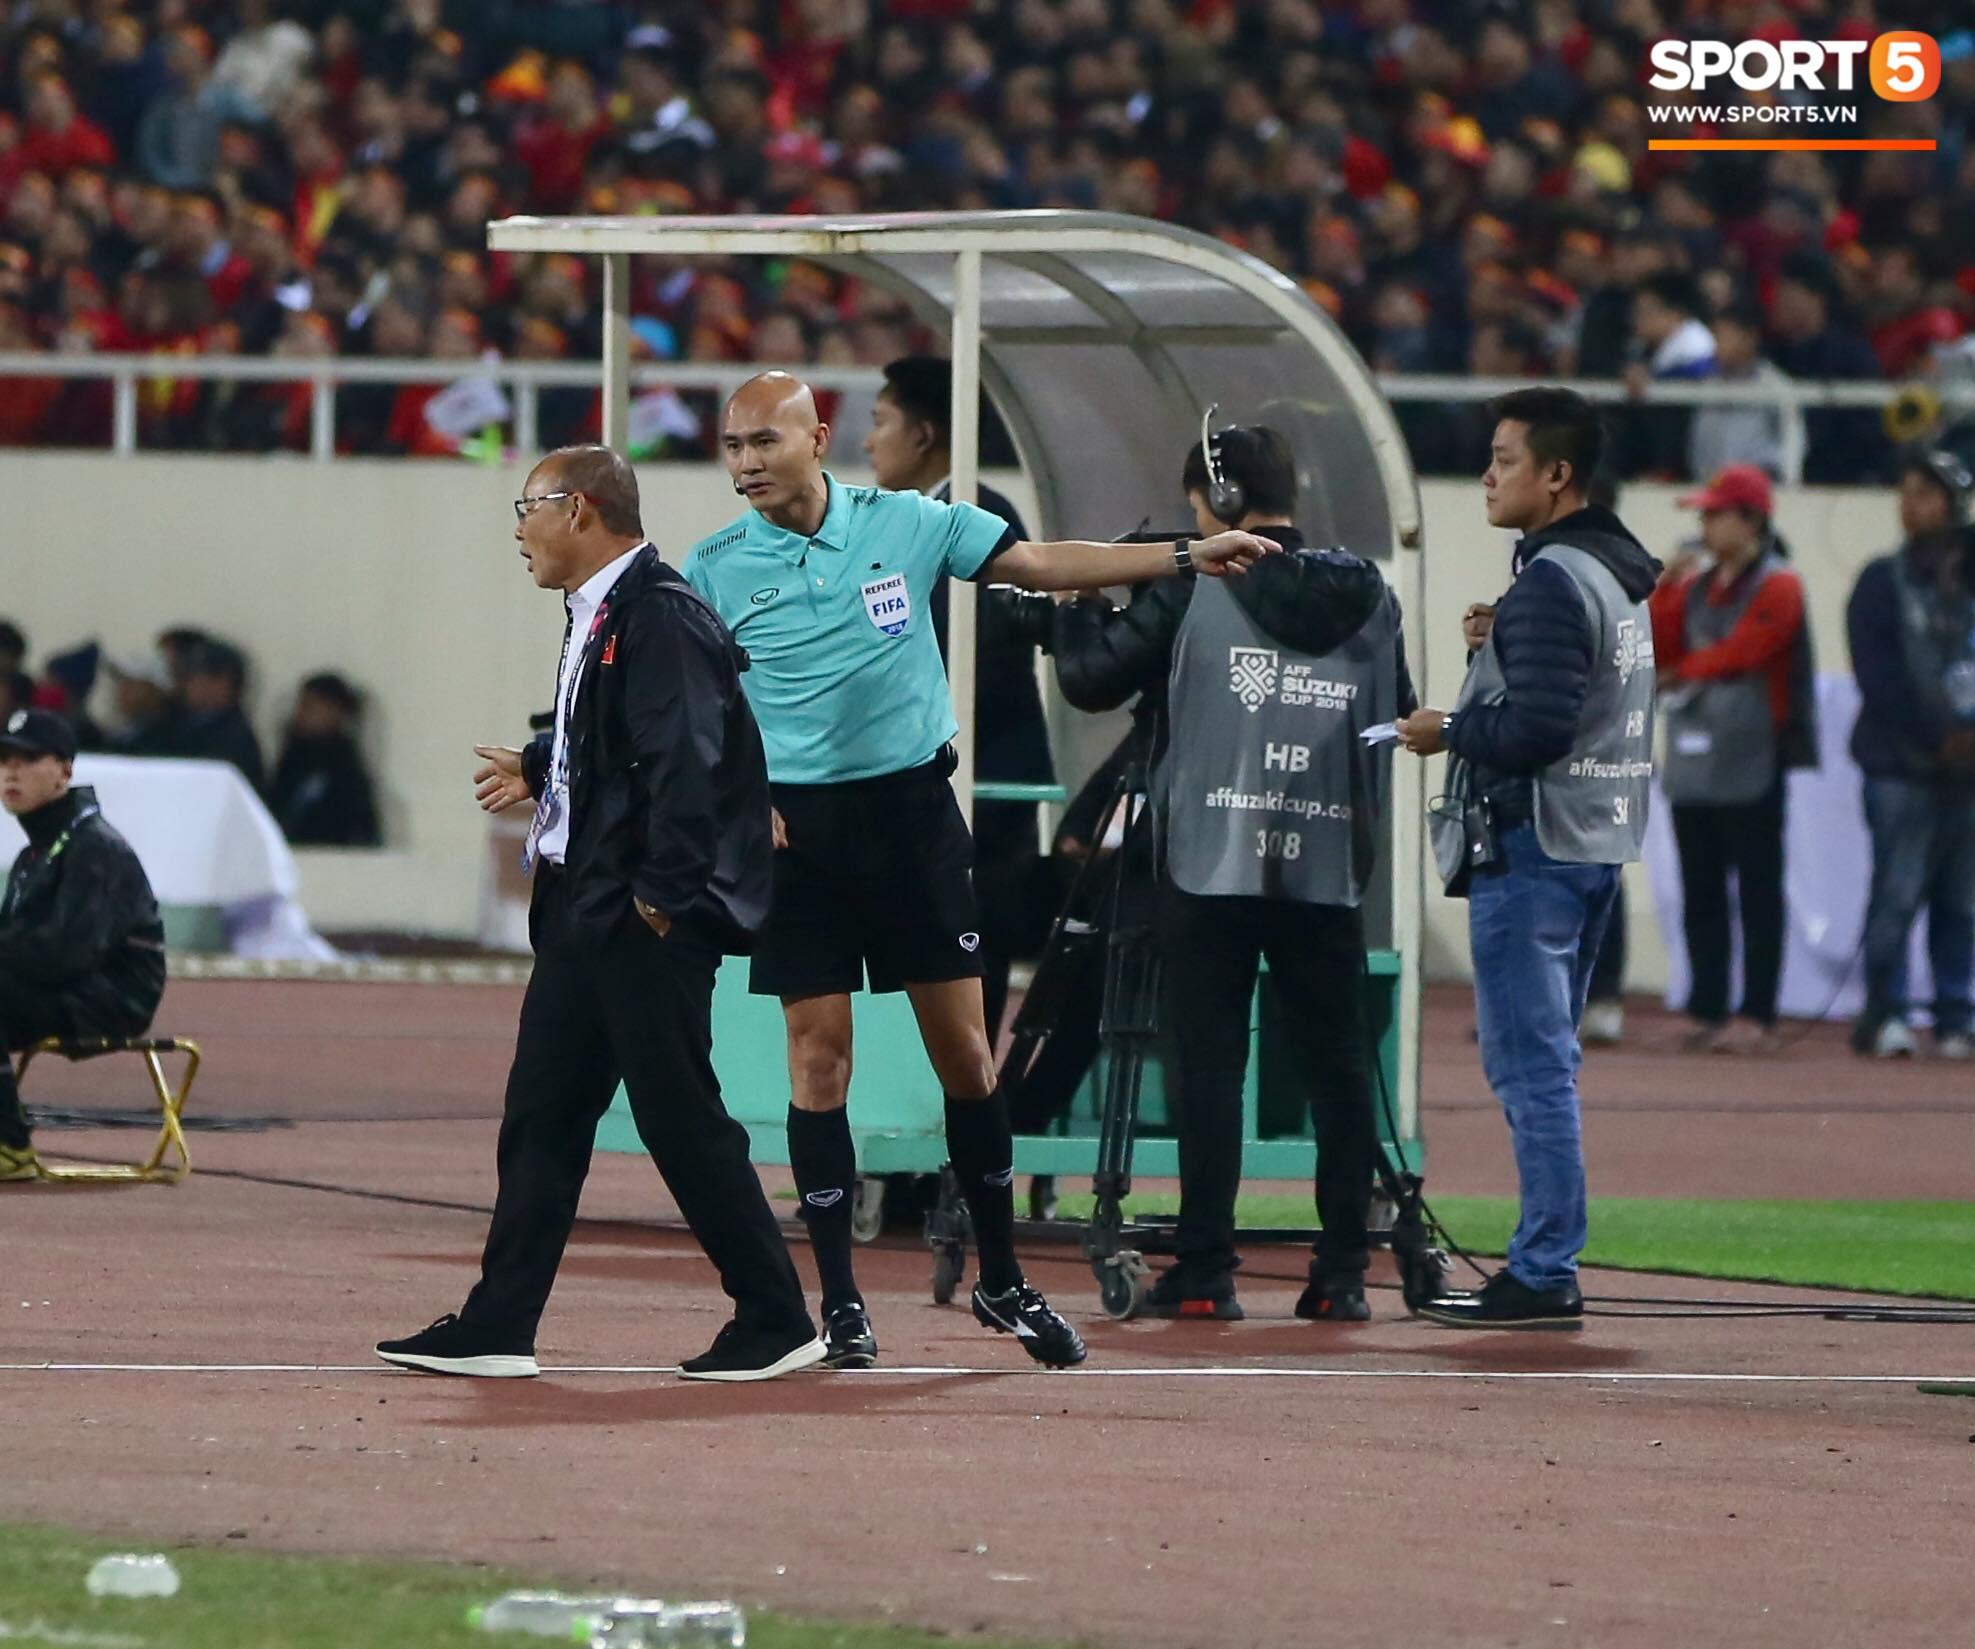 Trọng tài đẳng cấp World Cup gây bức xúc vì liên tục rút thẻ vàng cho cầu thủ Việt Nam-2